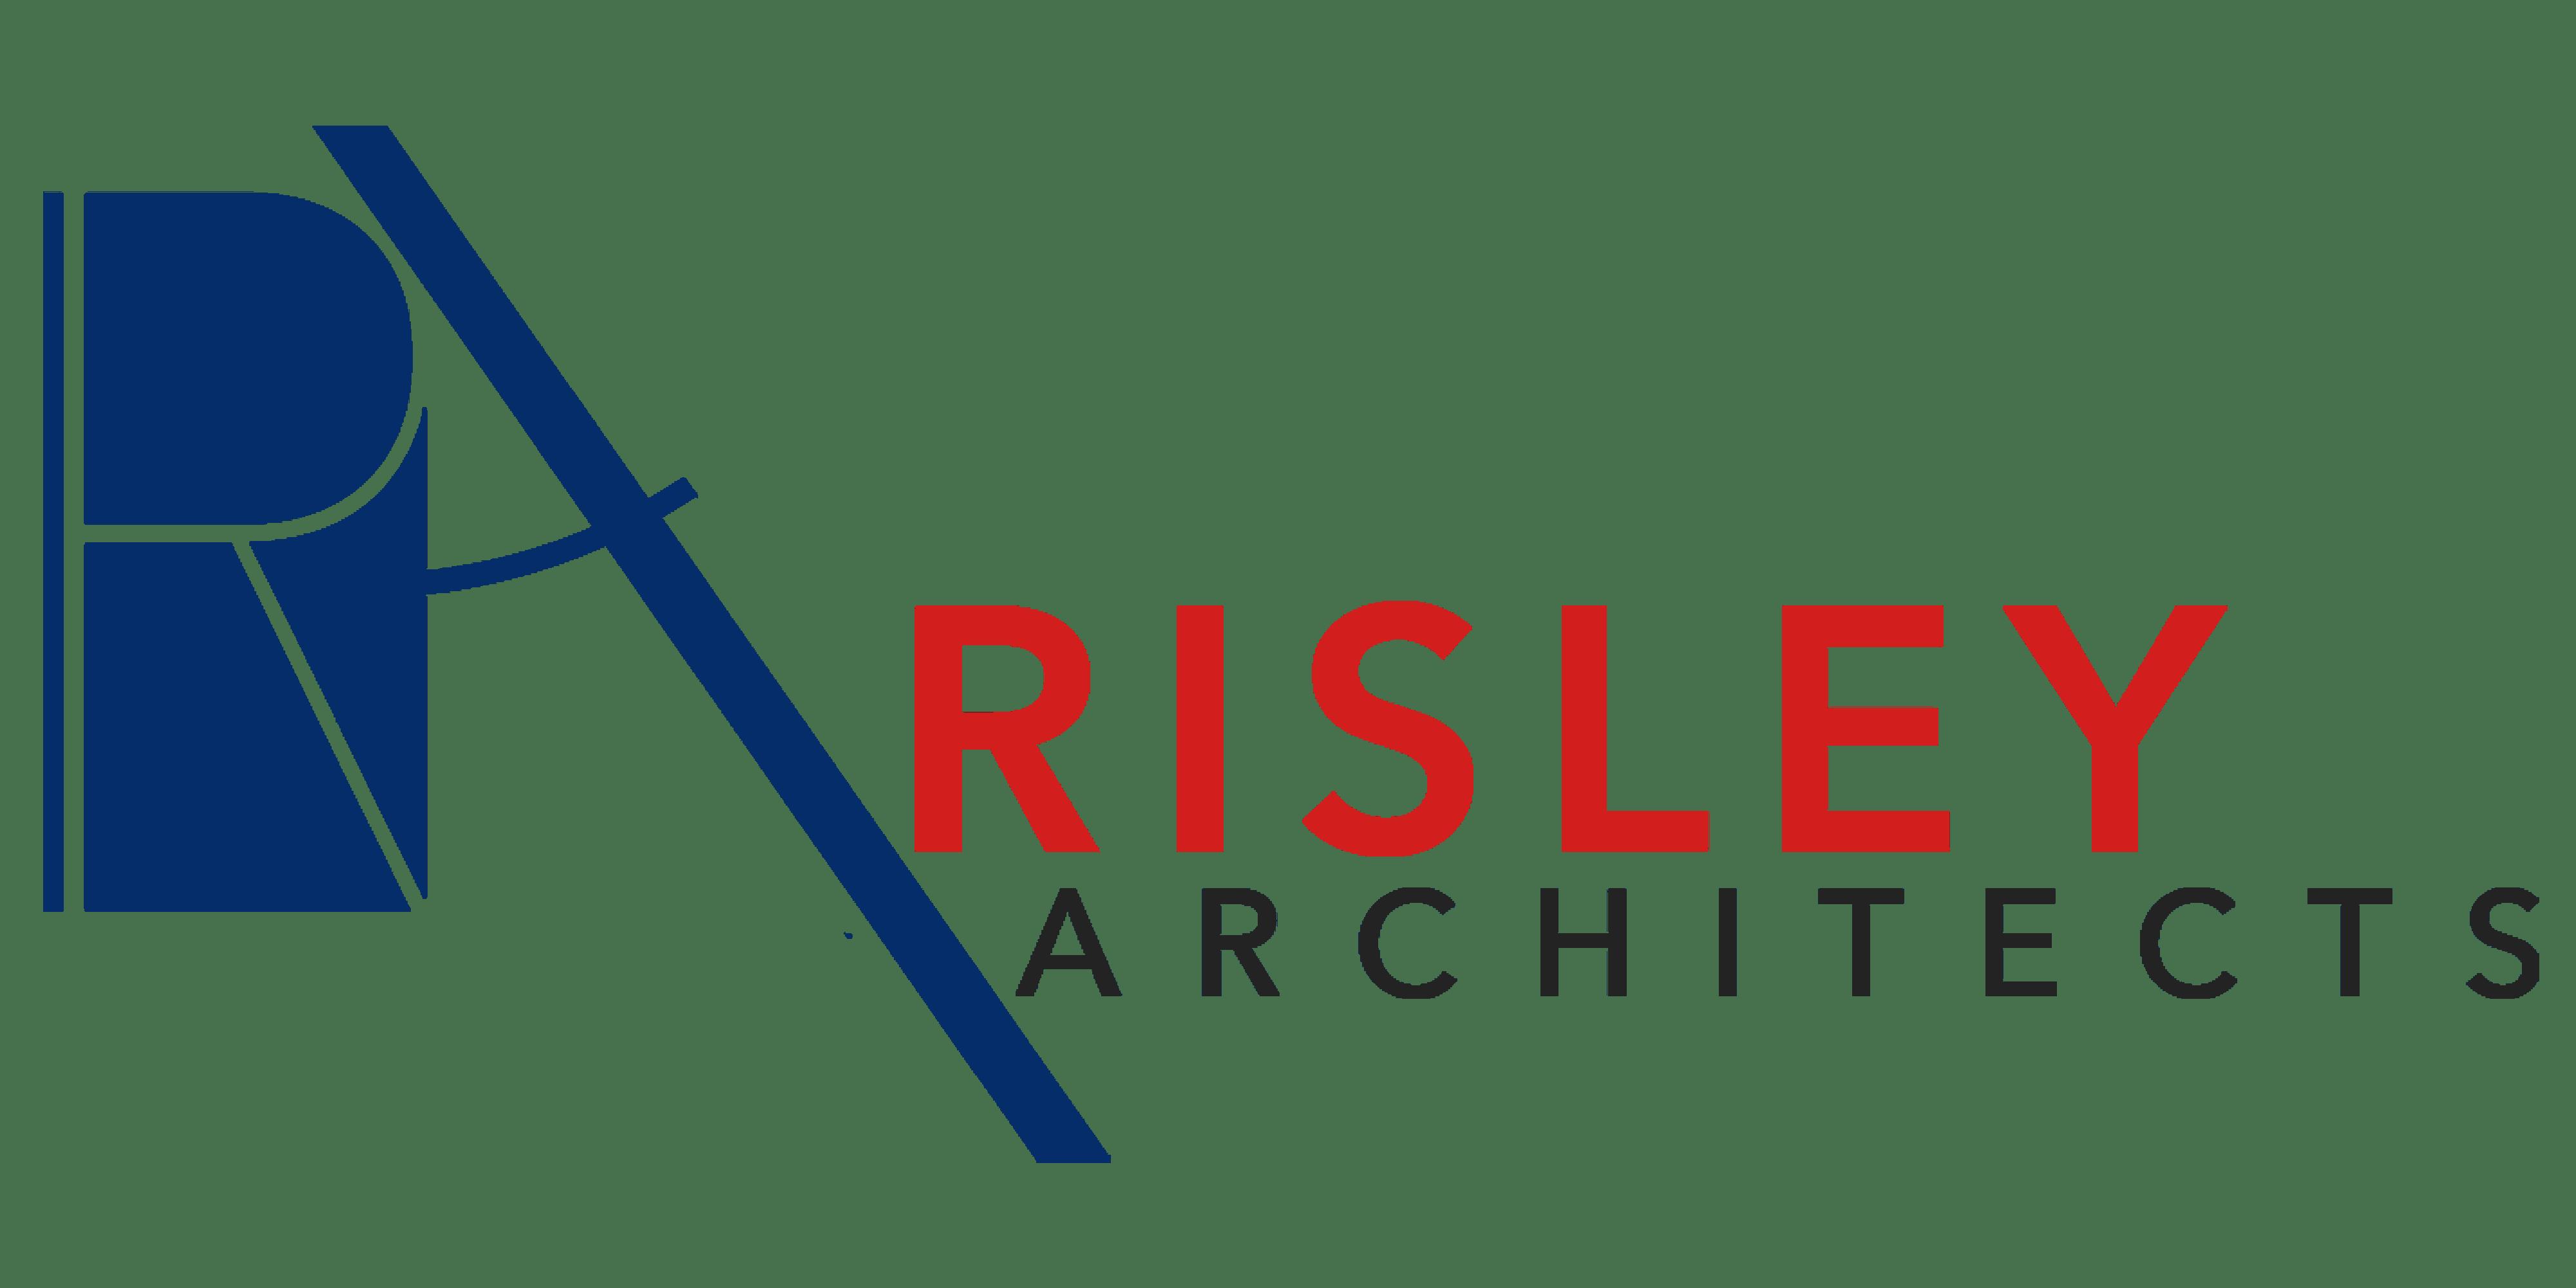 Risley Architecture